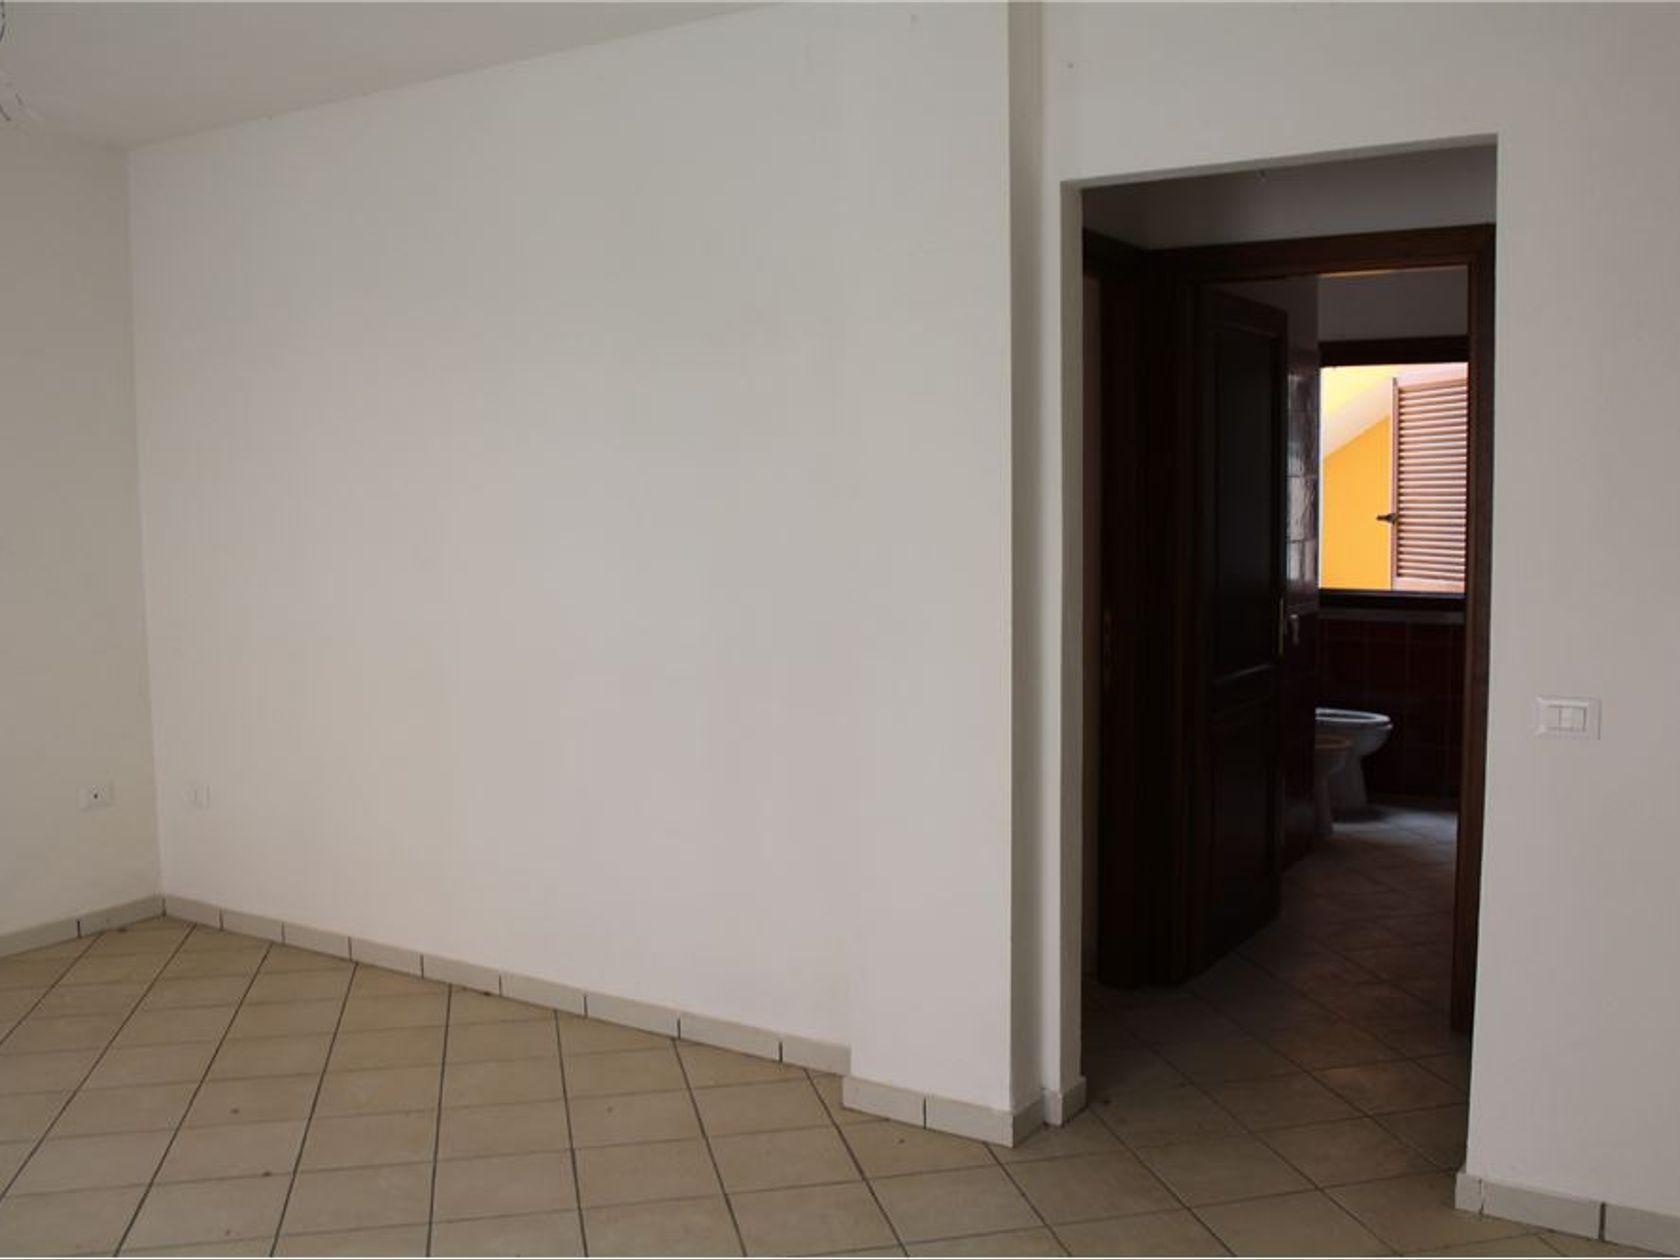 Appartamento Santa Teresa Gallura, OT Vendita - Foto 5